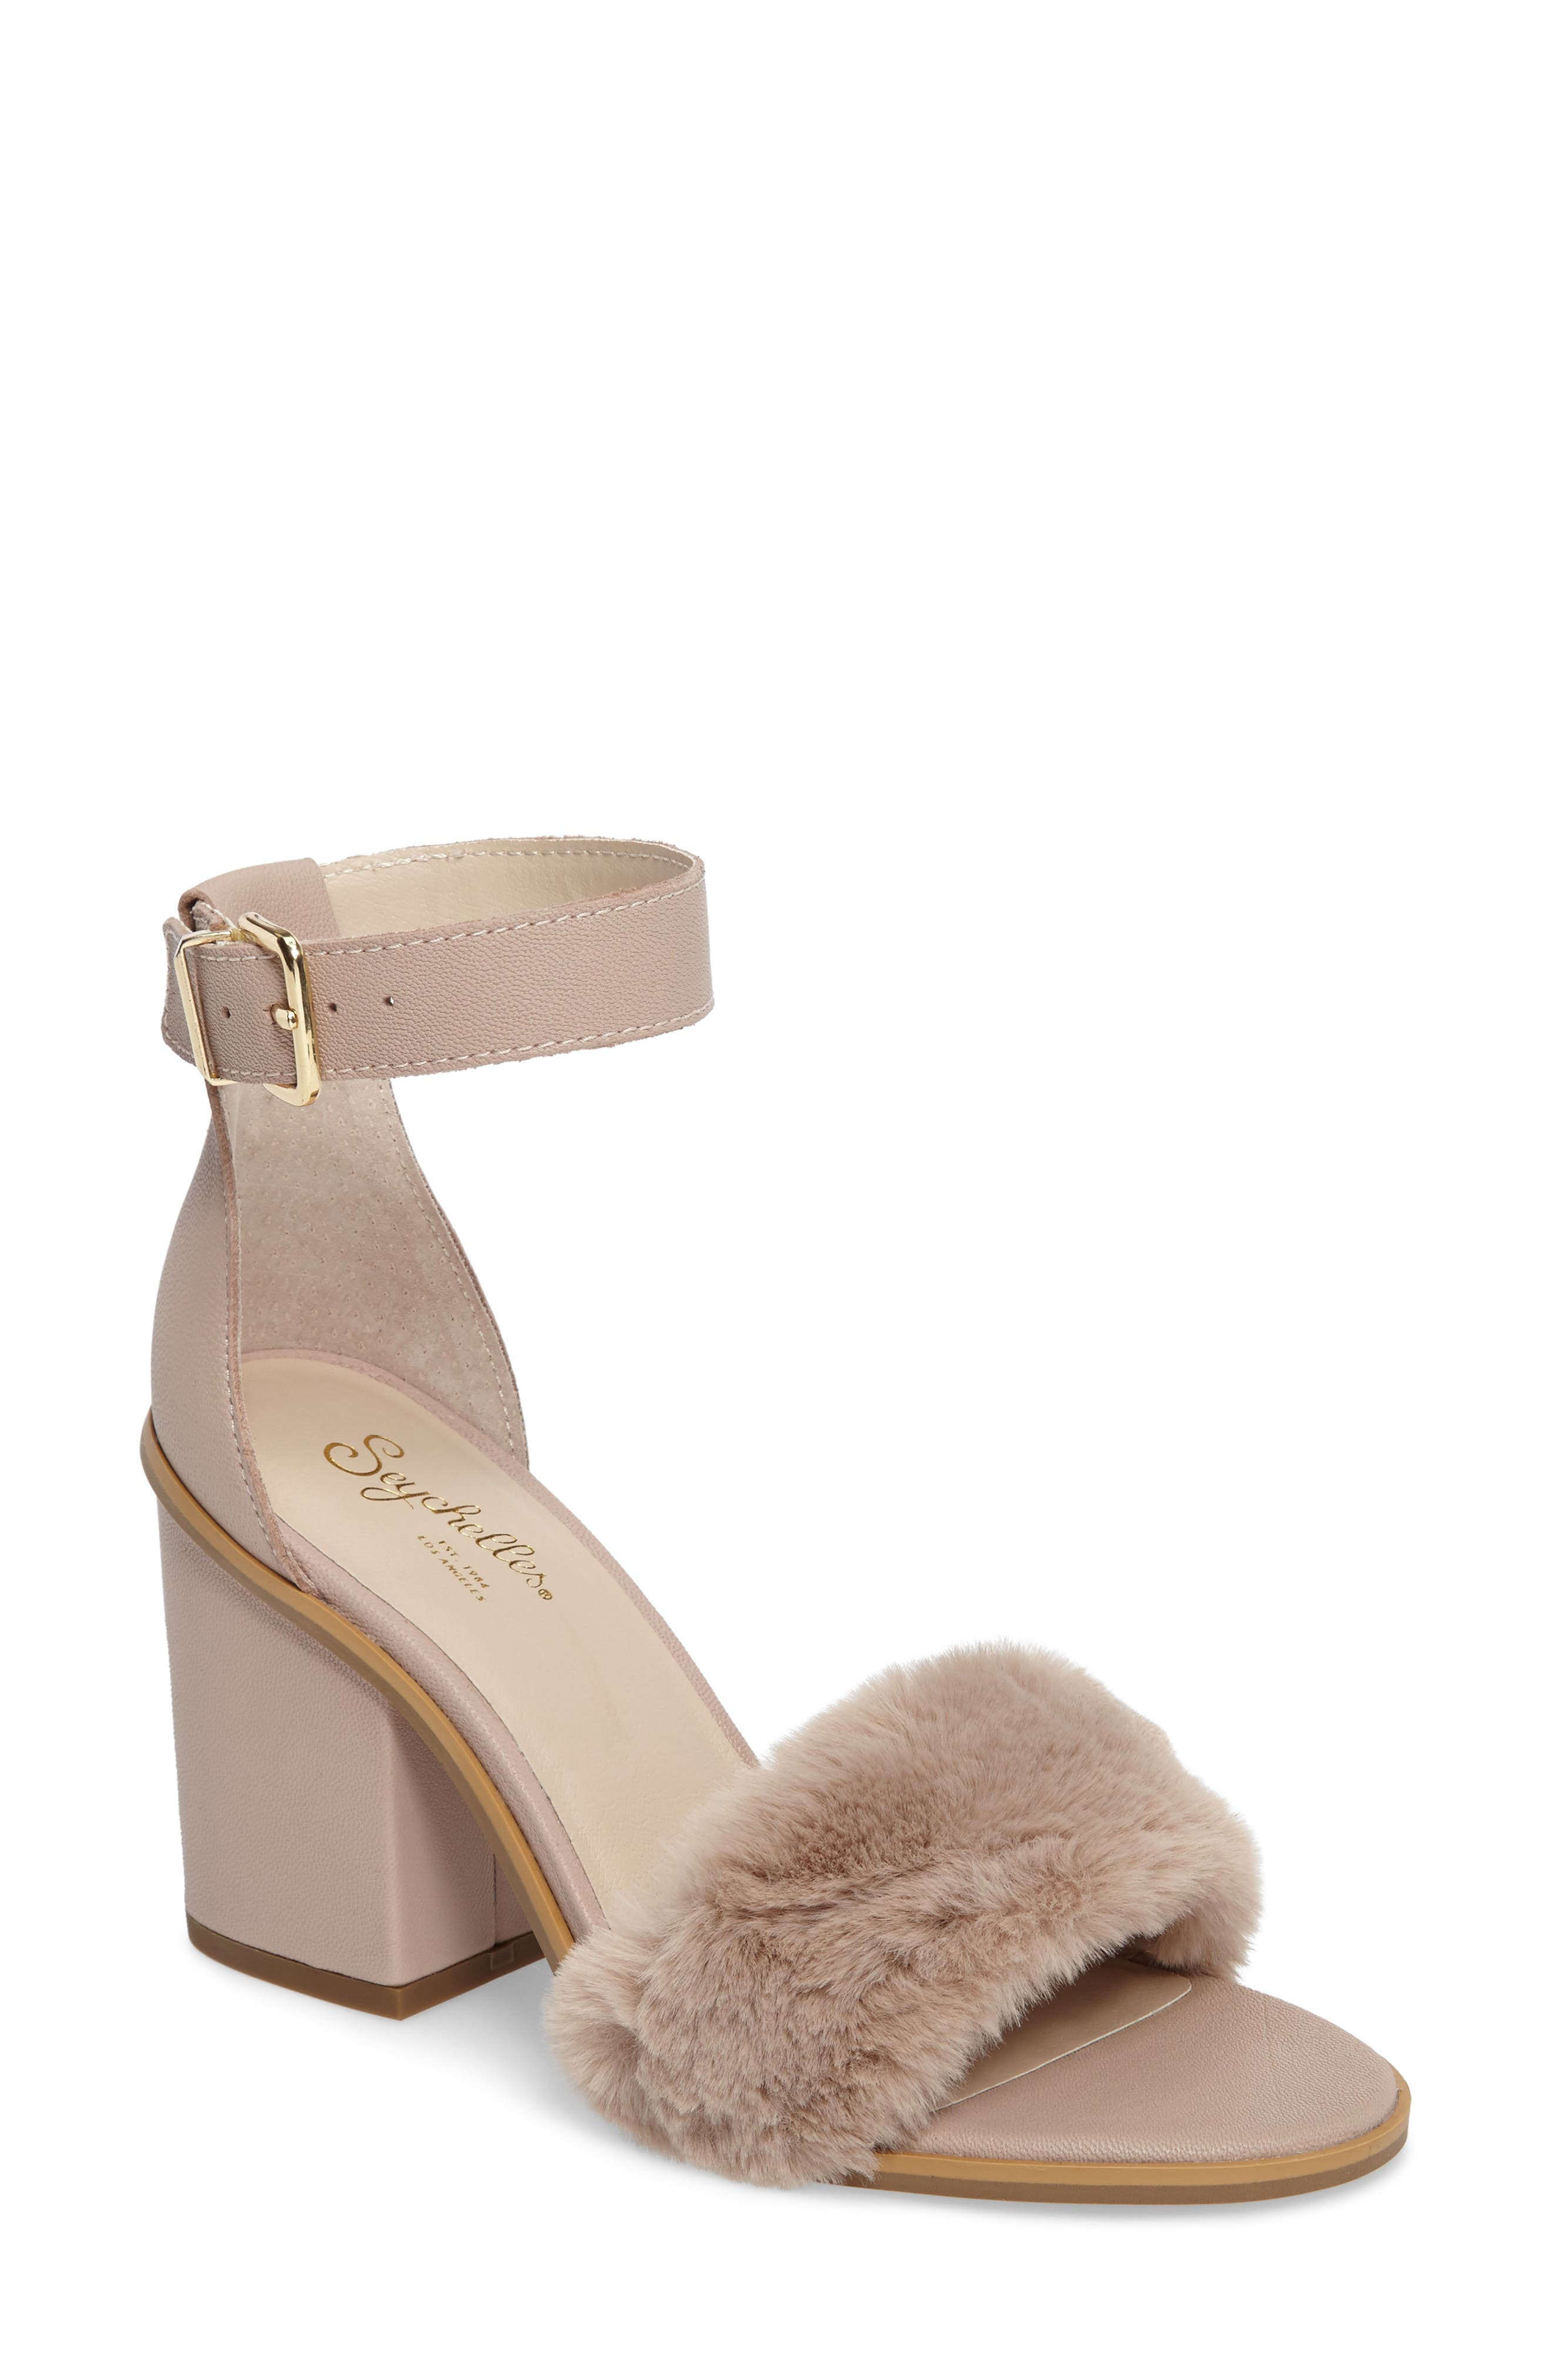 Main Image - Seychelles Faux Fur Ankle Strap Sandal (Women)